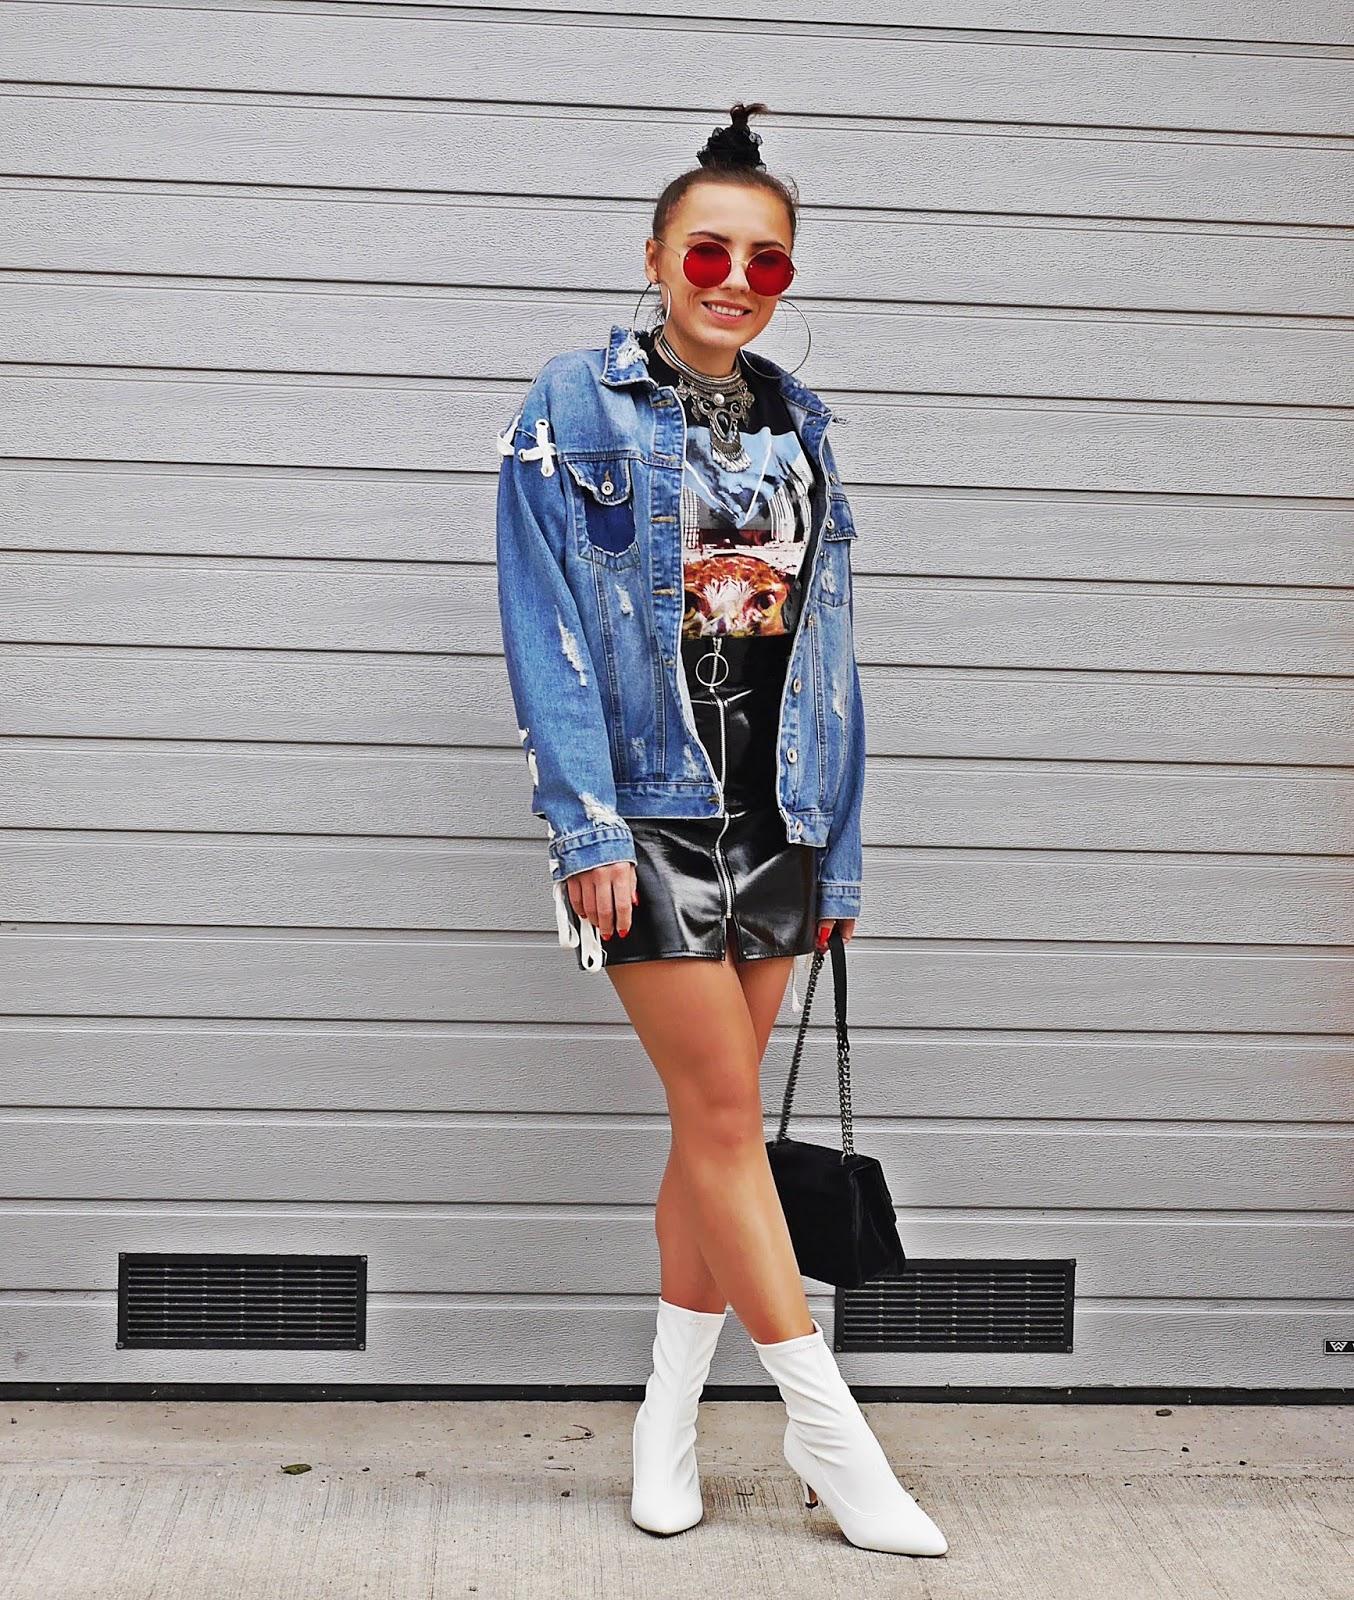 białe skarpetkowe botki lateksowa spódnica kolczyki koła karyn blog modowy